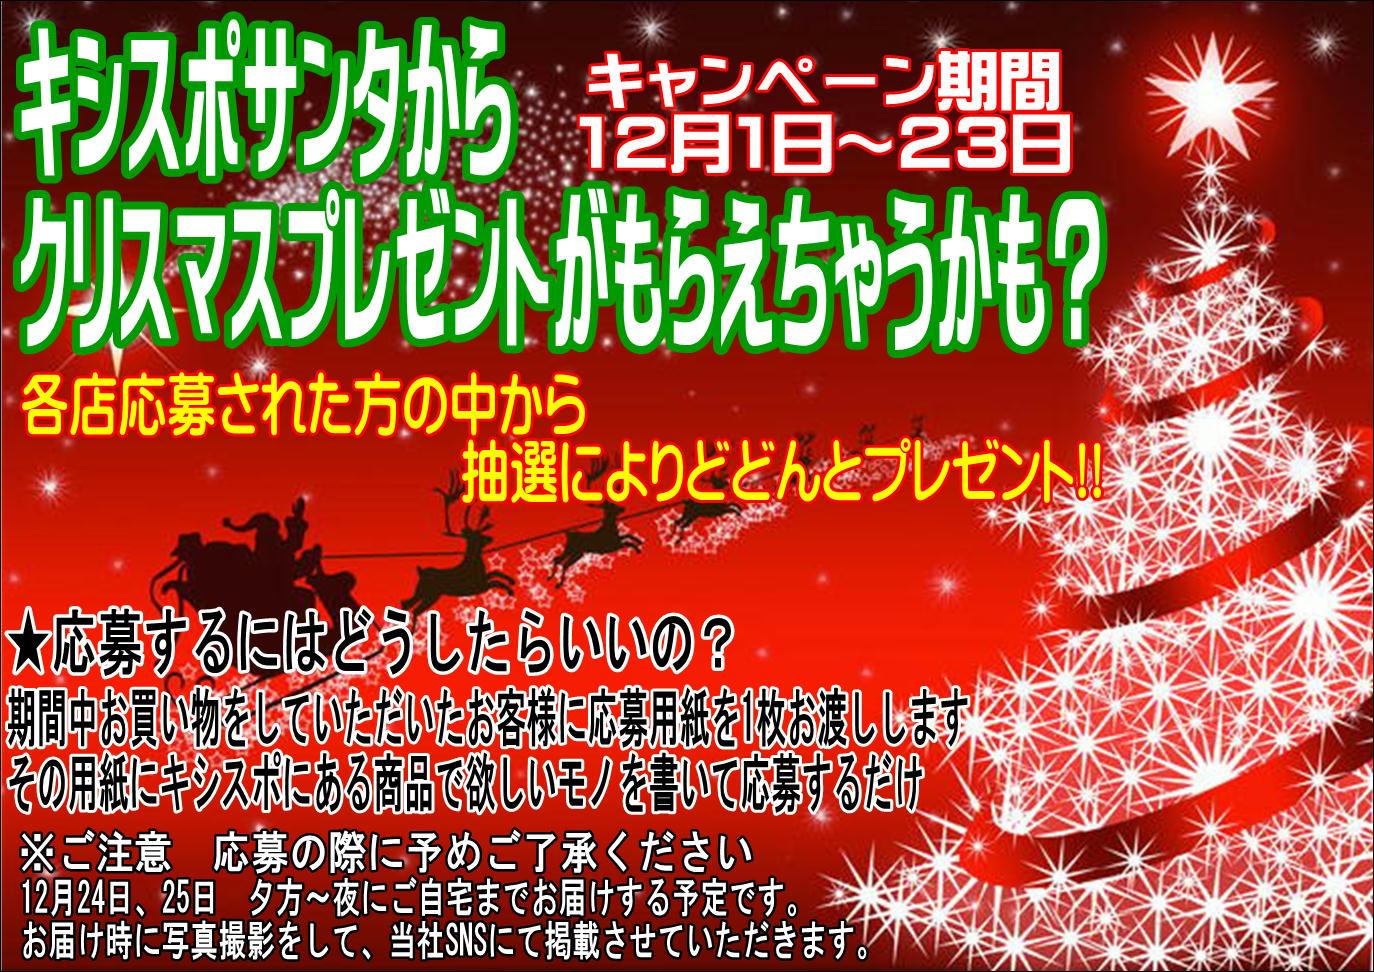 【クリスマスイベントやっちゃうよ!】